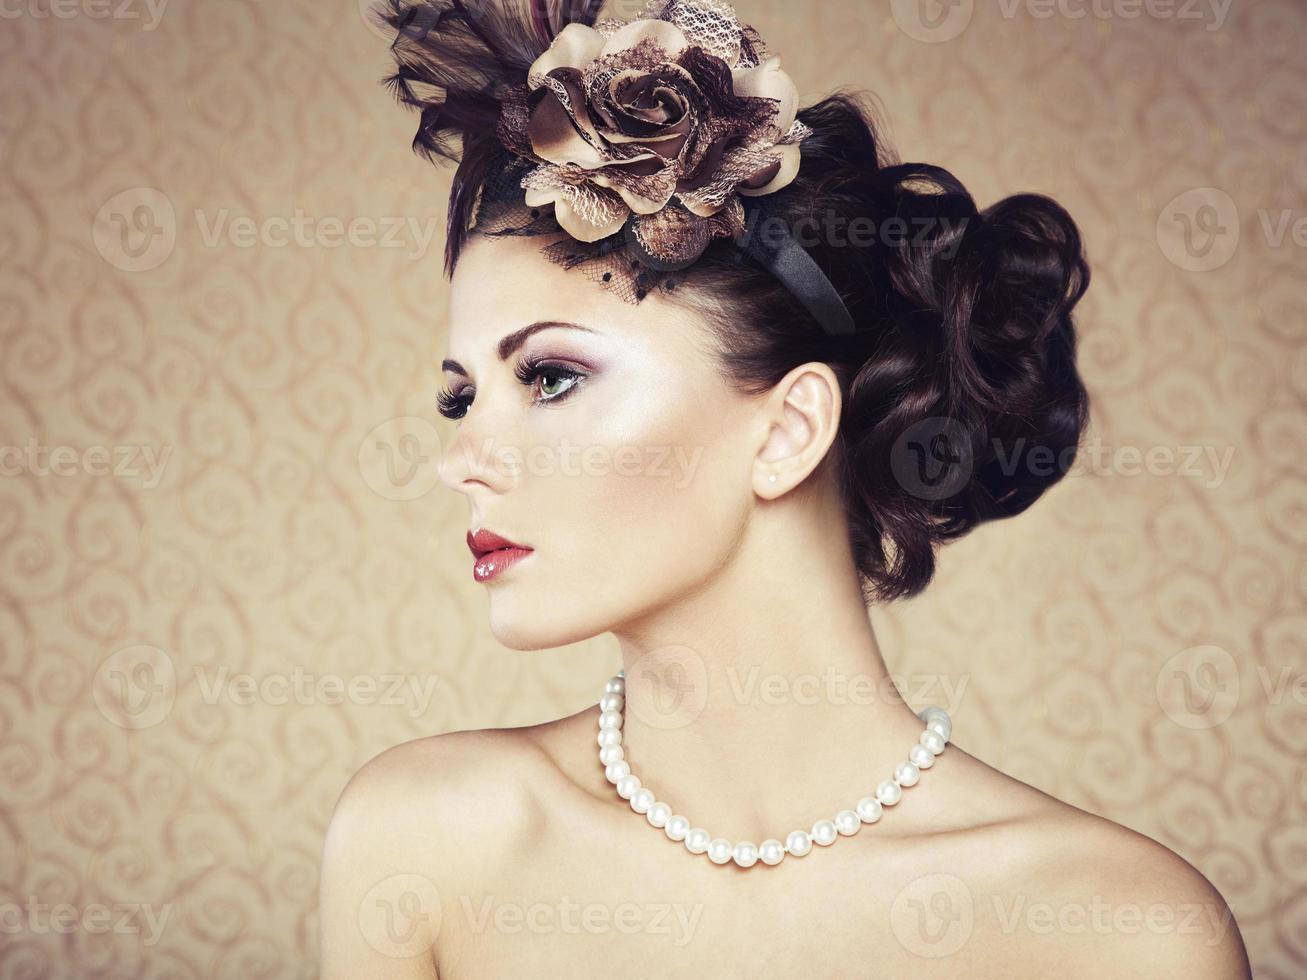 retro porträtt av vacker kvinna. vintagestil foto